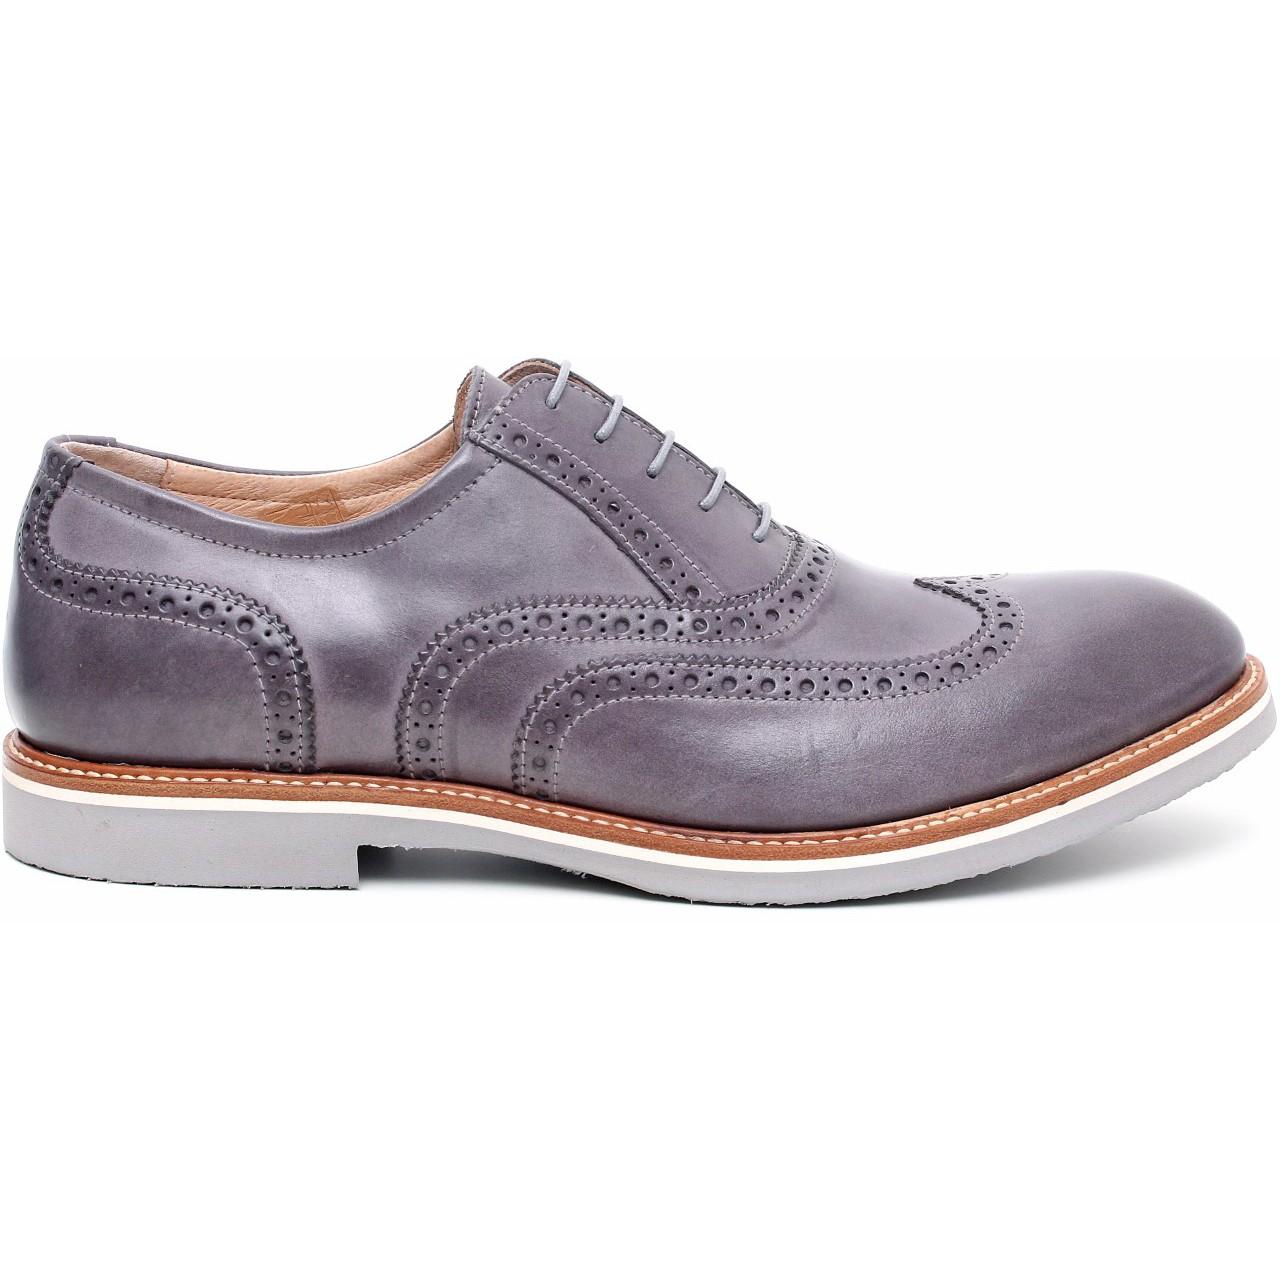 Nero giardini scarpa stringata uomo pelle p503382u latini sport - Scarpa uomo nero giardini ...